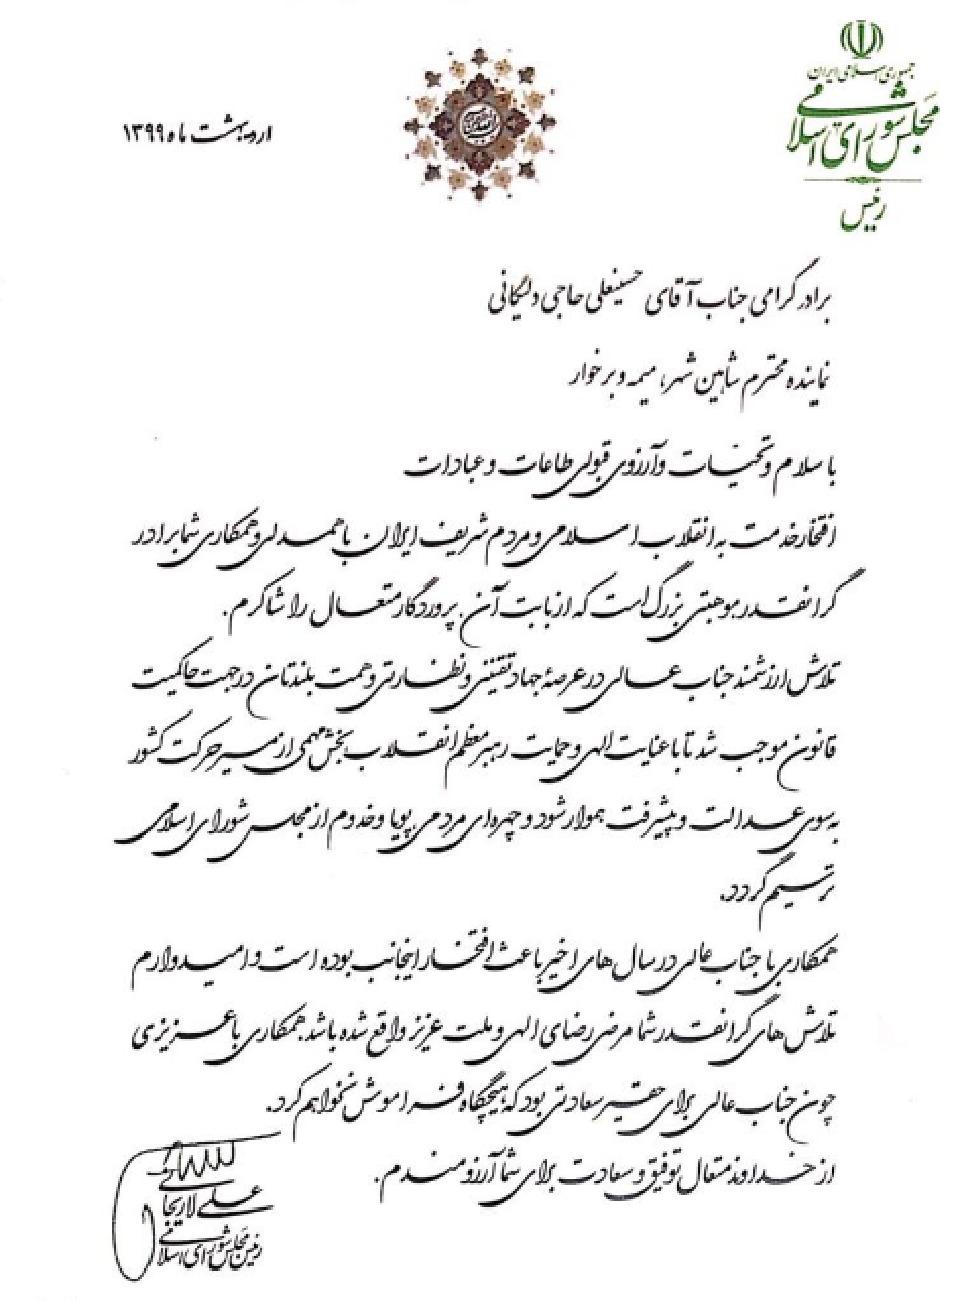 تقدیر آقای لاریجانی از آقای حاجی